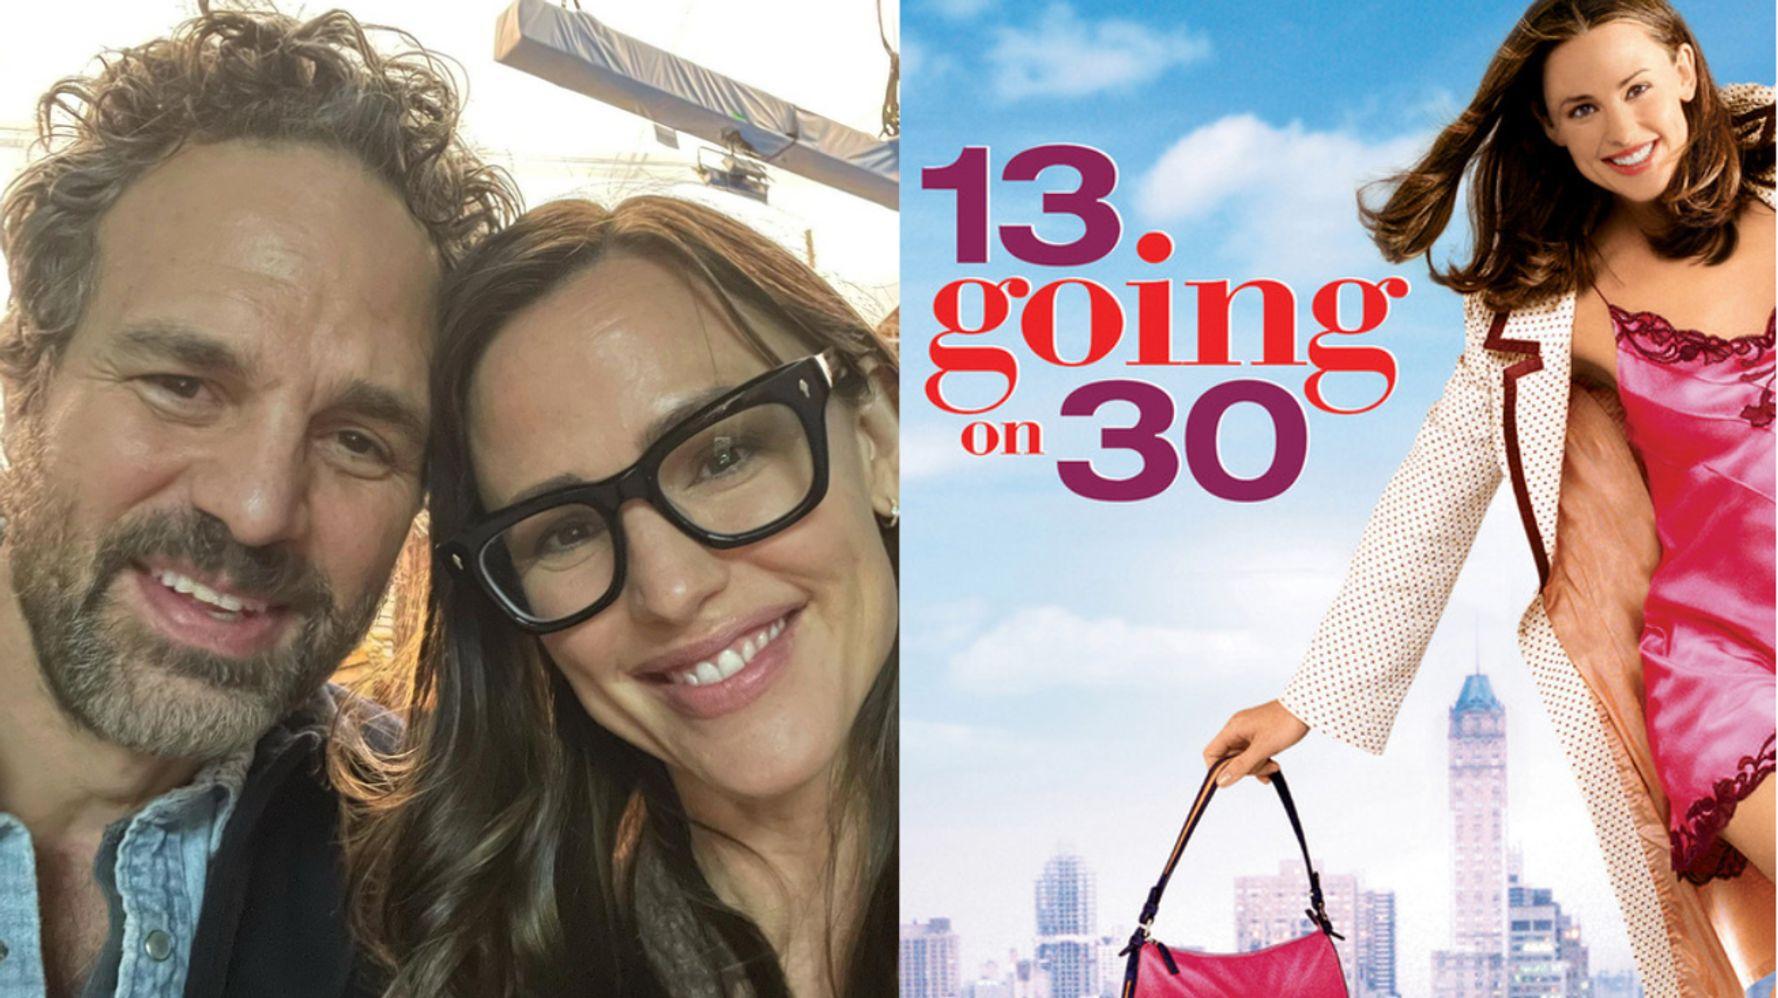 www.huffpost.com: Jennifer Garner And Mark Ruffalo Reunite And Fans Demand A '13 Going On 30' Sequel